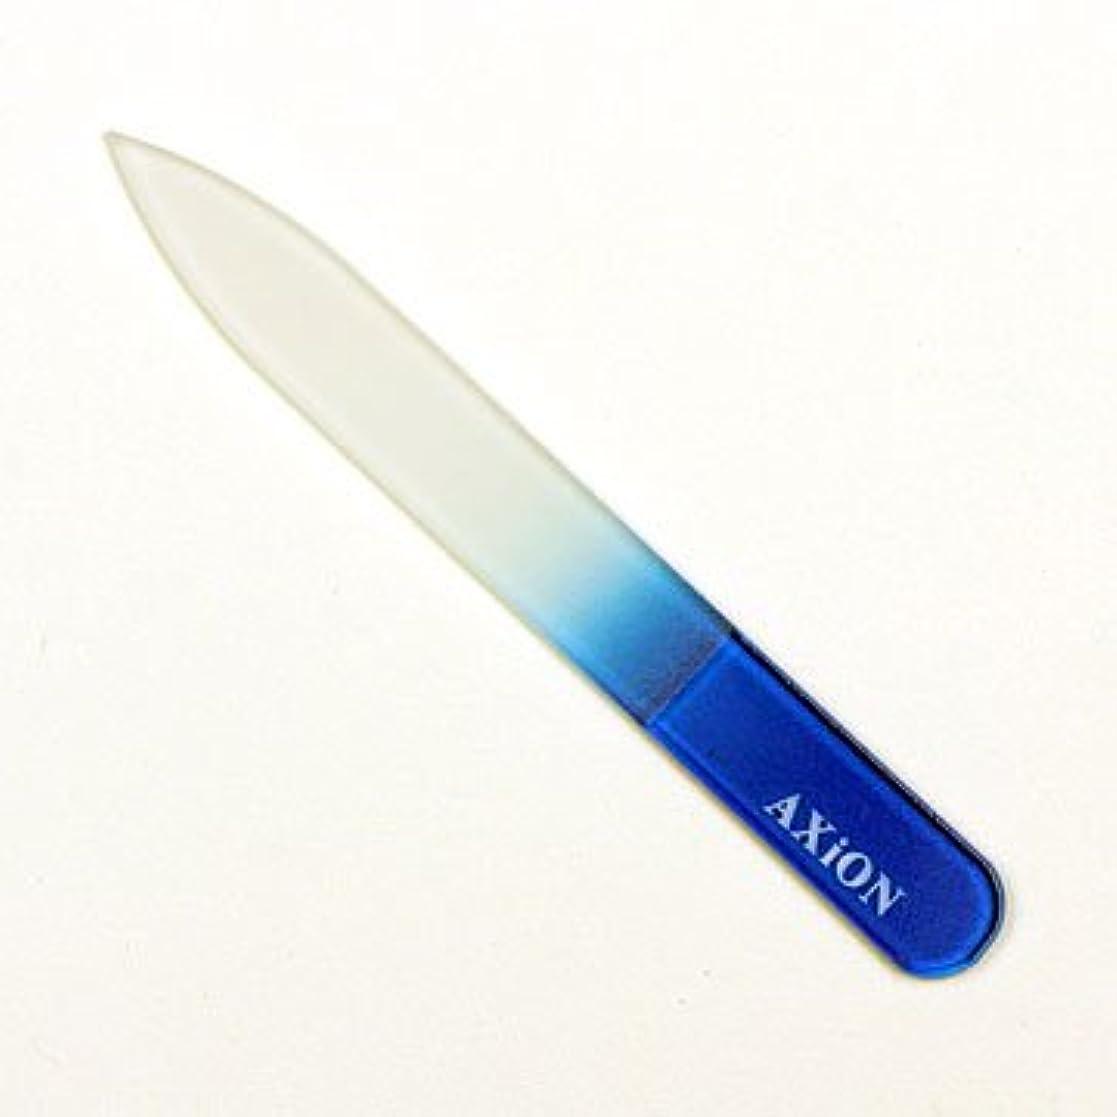 嬉しいです石炭コンピューターを使用するチェコ製 AXiON(アクシオン)ガラス製爪ヤスリ(ブルー)両面タイプ #slg009567fba